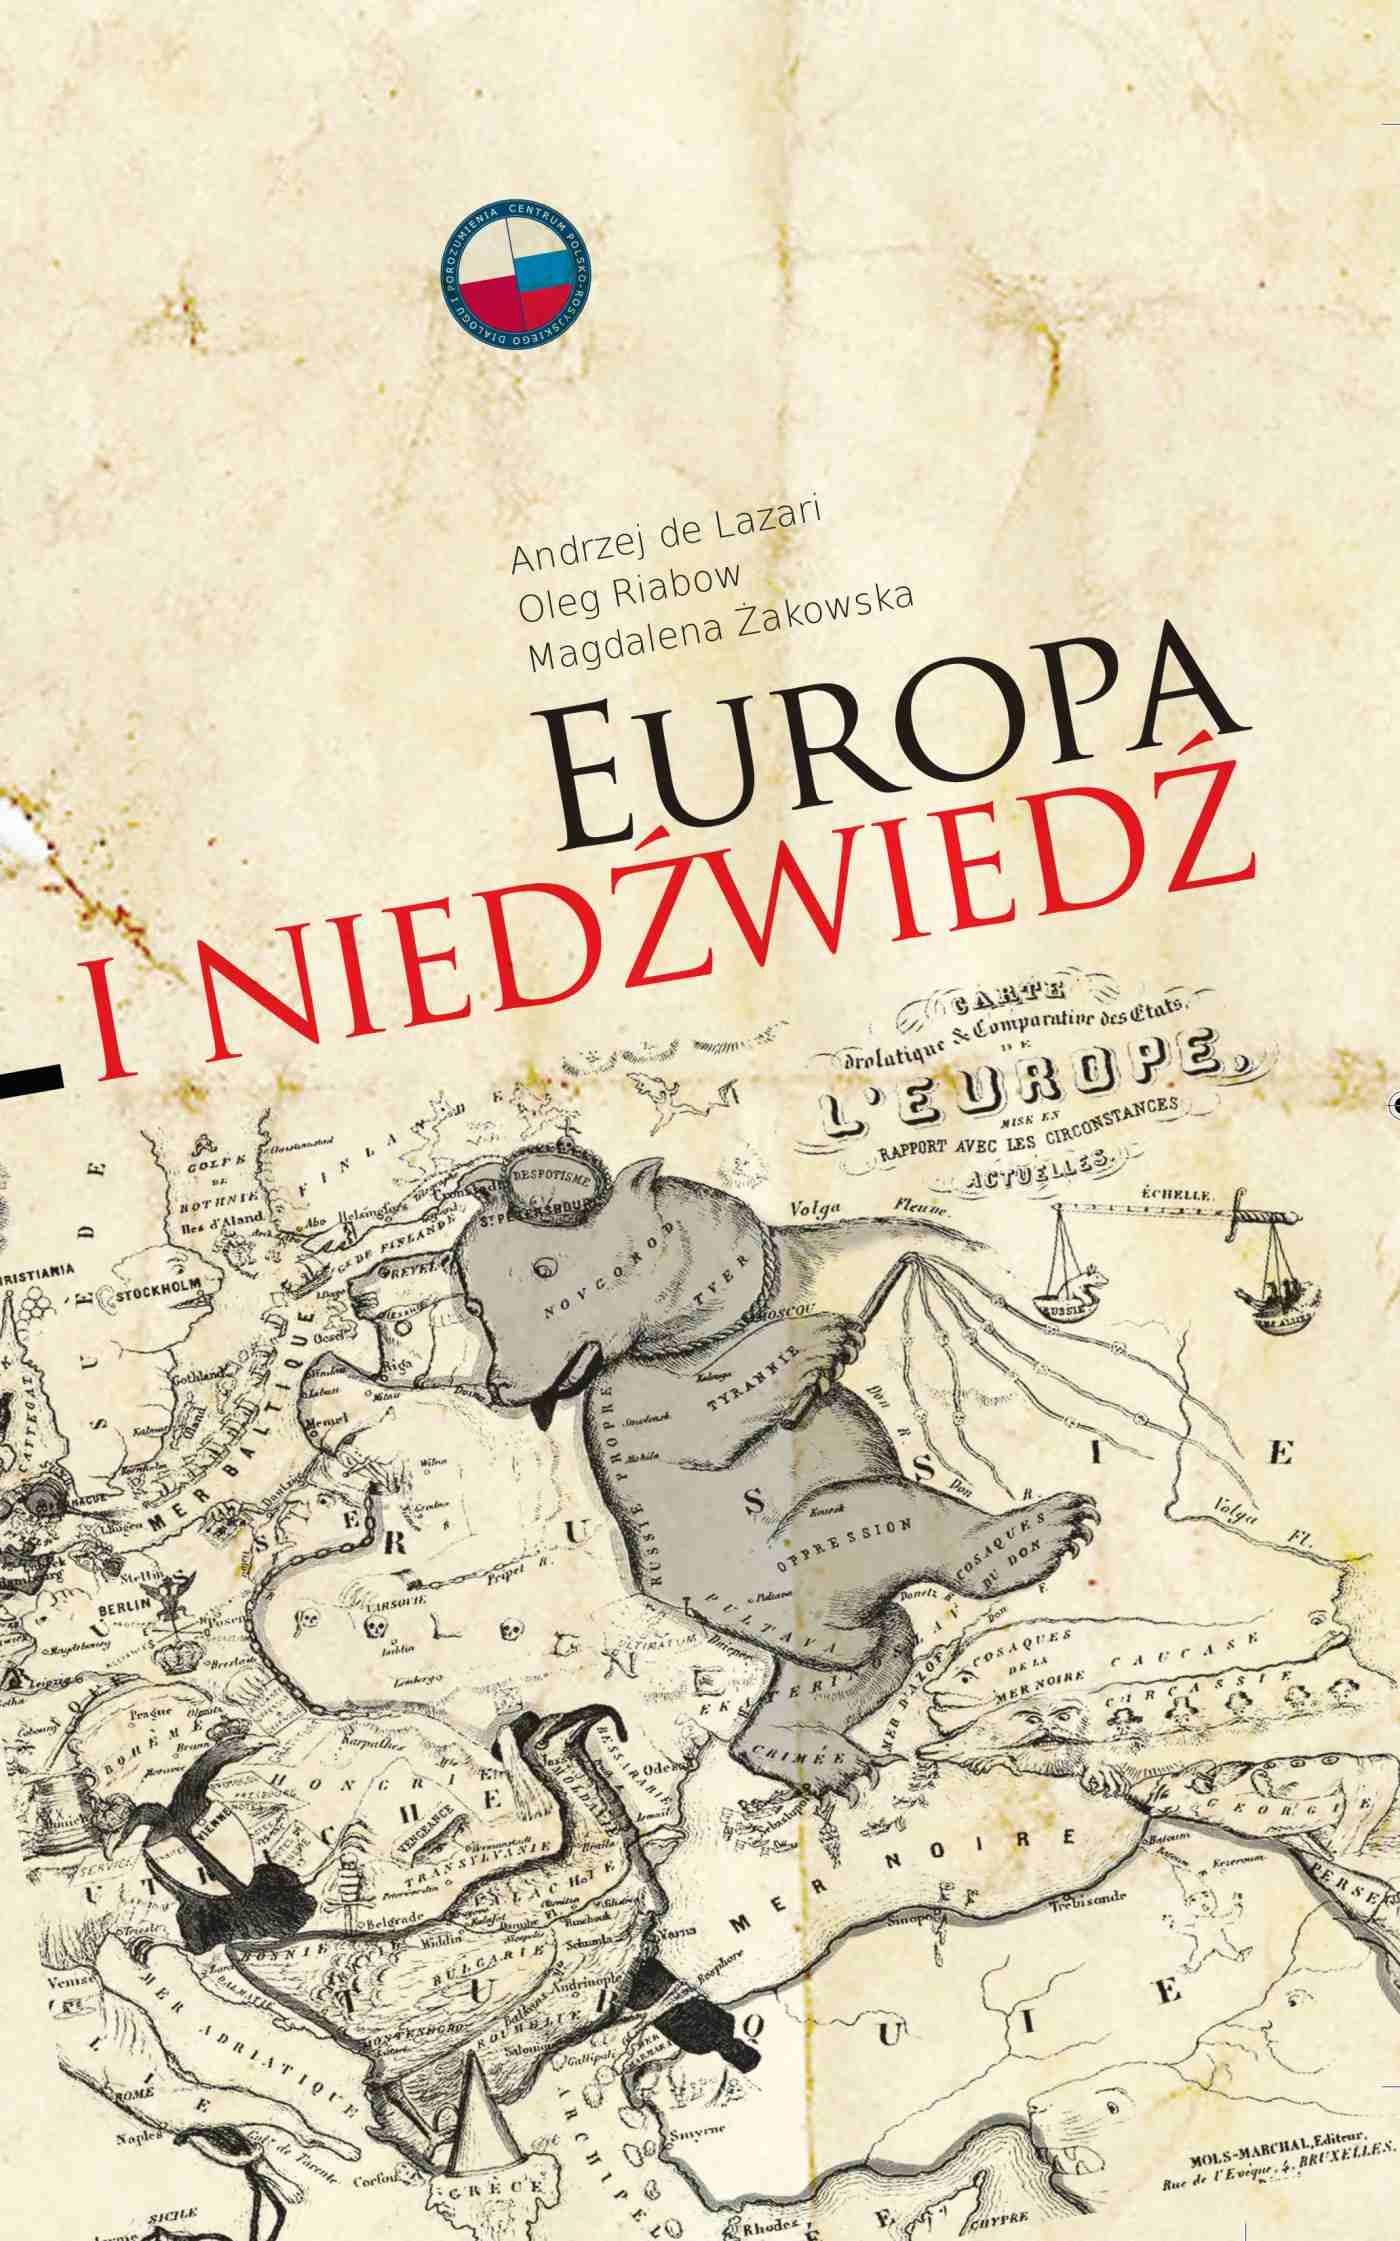 Europa i Niedźwiedź - Ebook (Książka EPUB) do pobrania w formacie EPUB